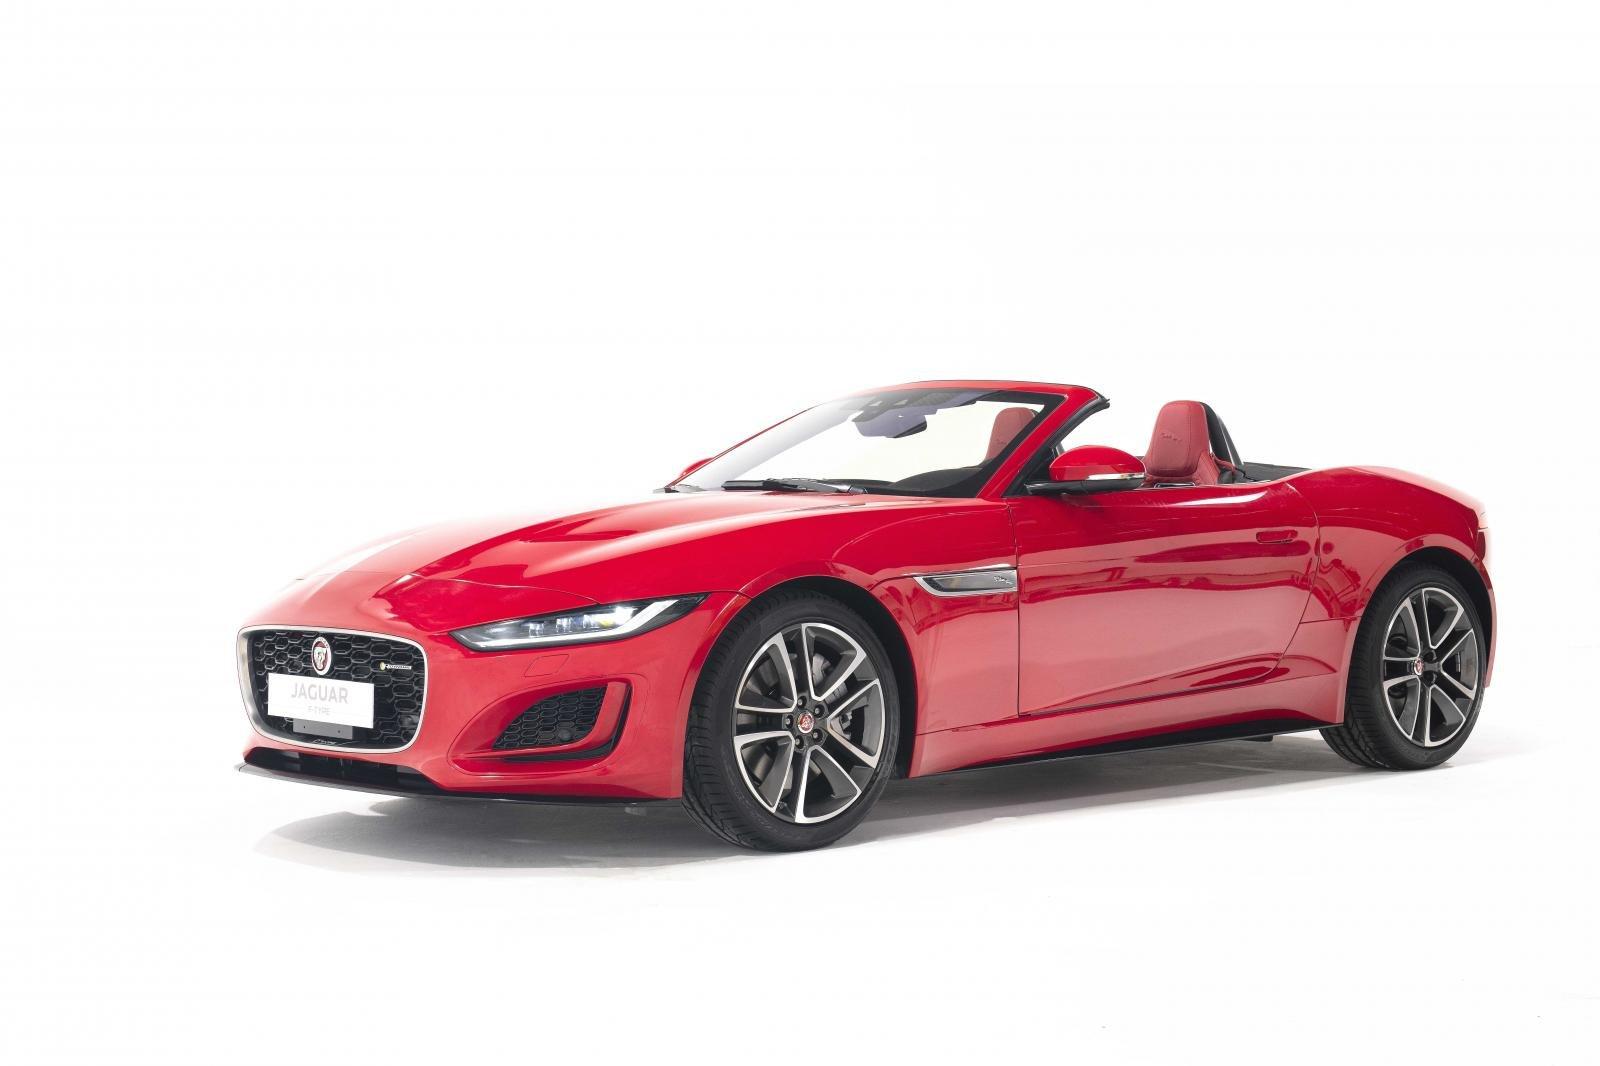 Jaguar F-Type mới tích hợp hàng loạt công nghệ tối tân.